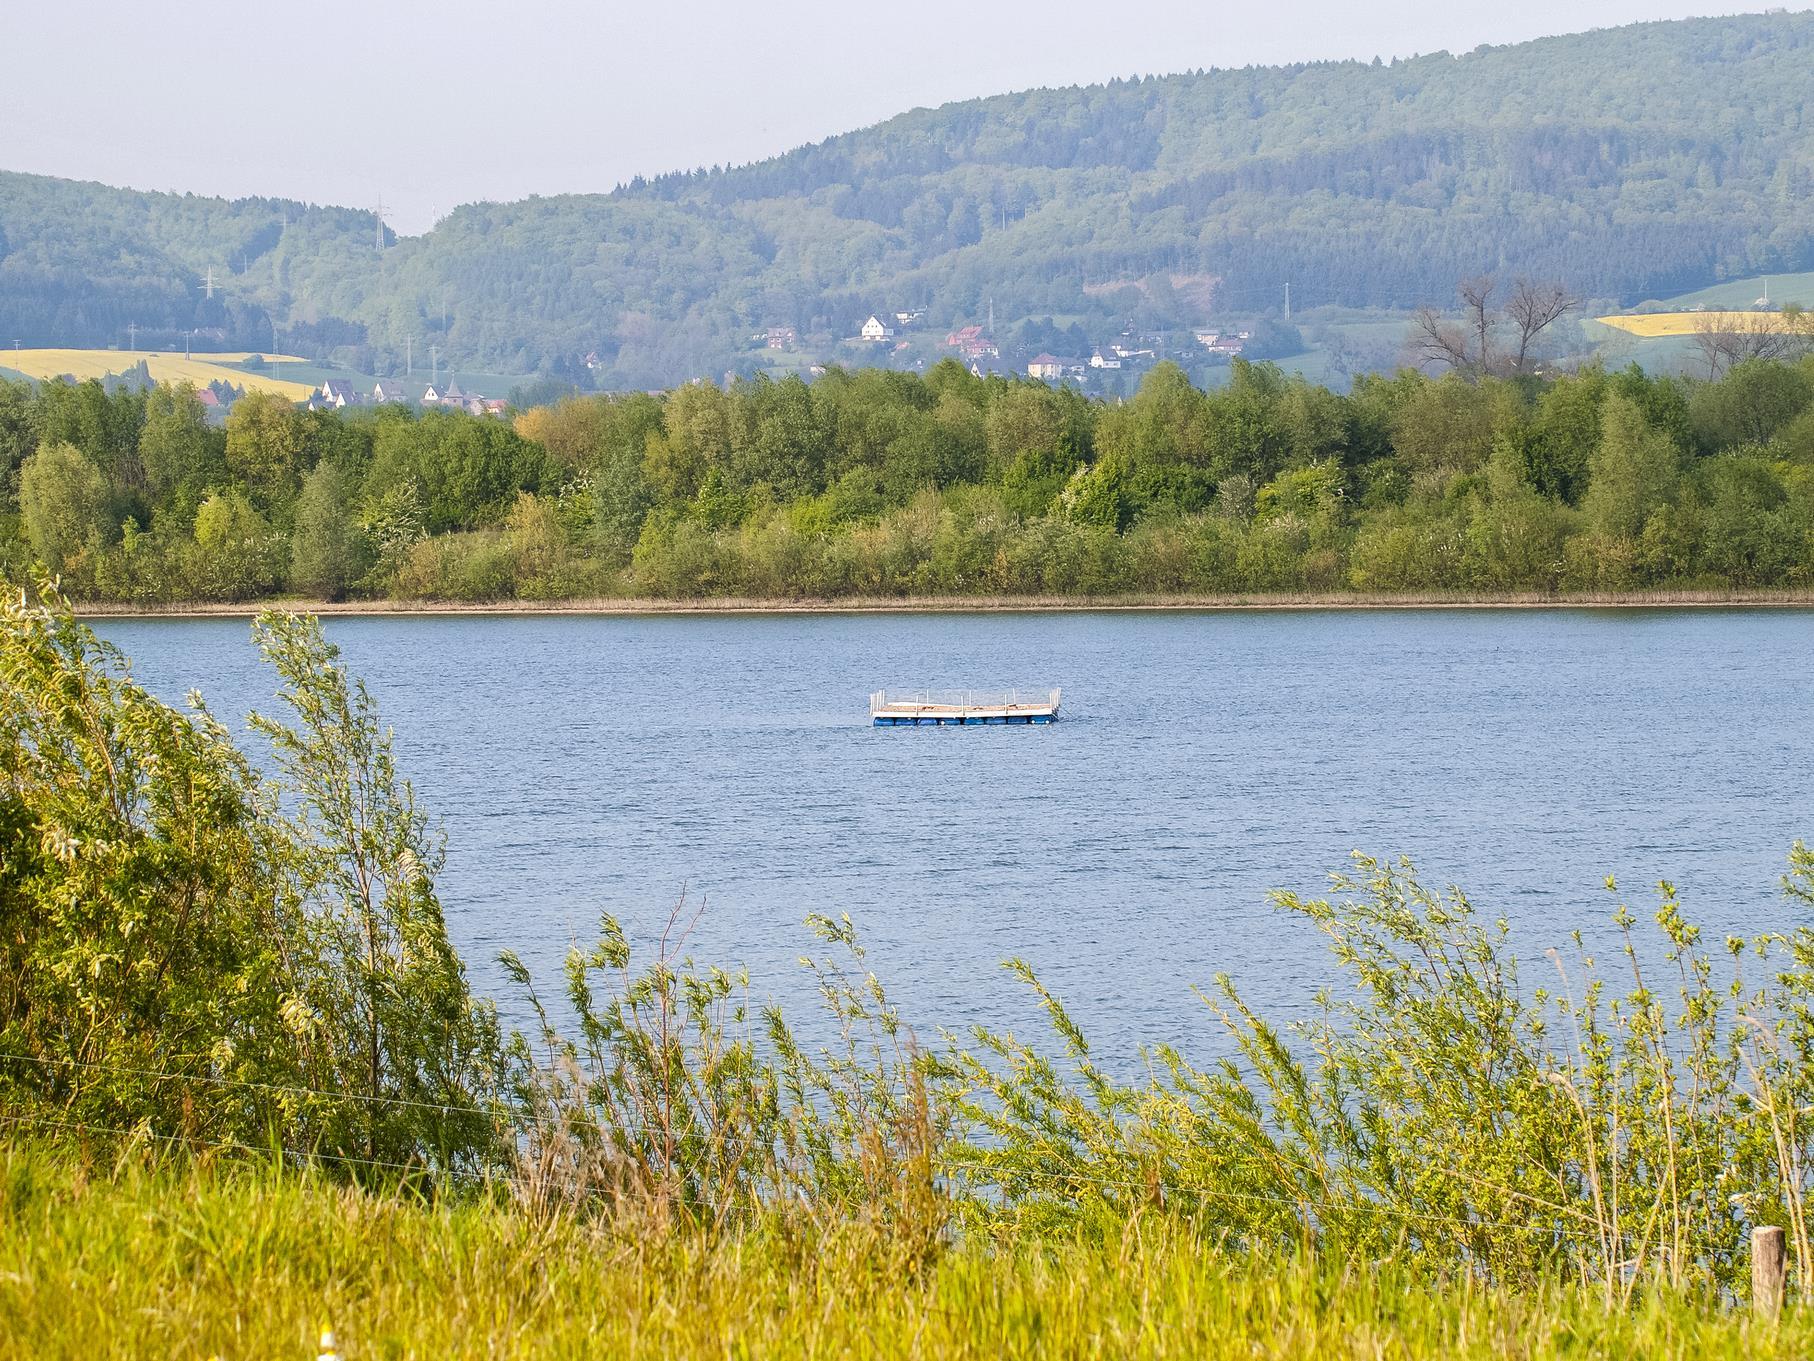 Noch ist das Flussseeschwalbenfloß im mittleren Teich verlassen.